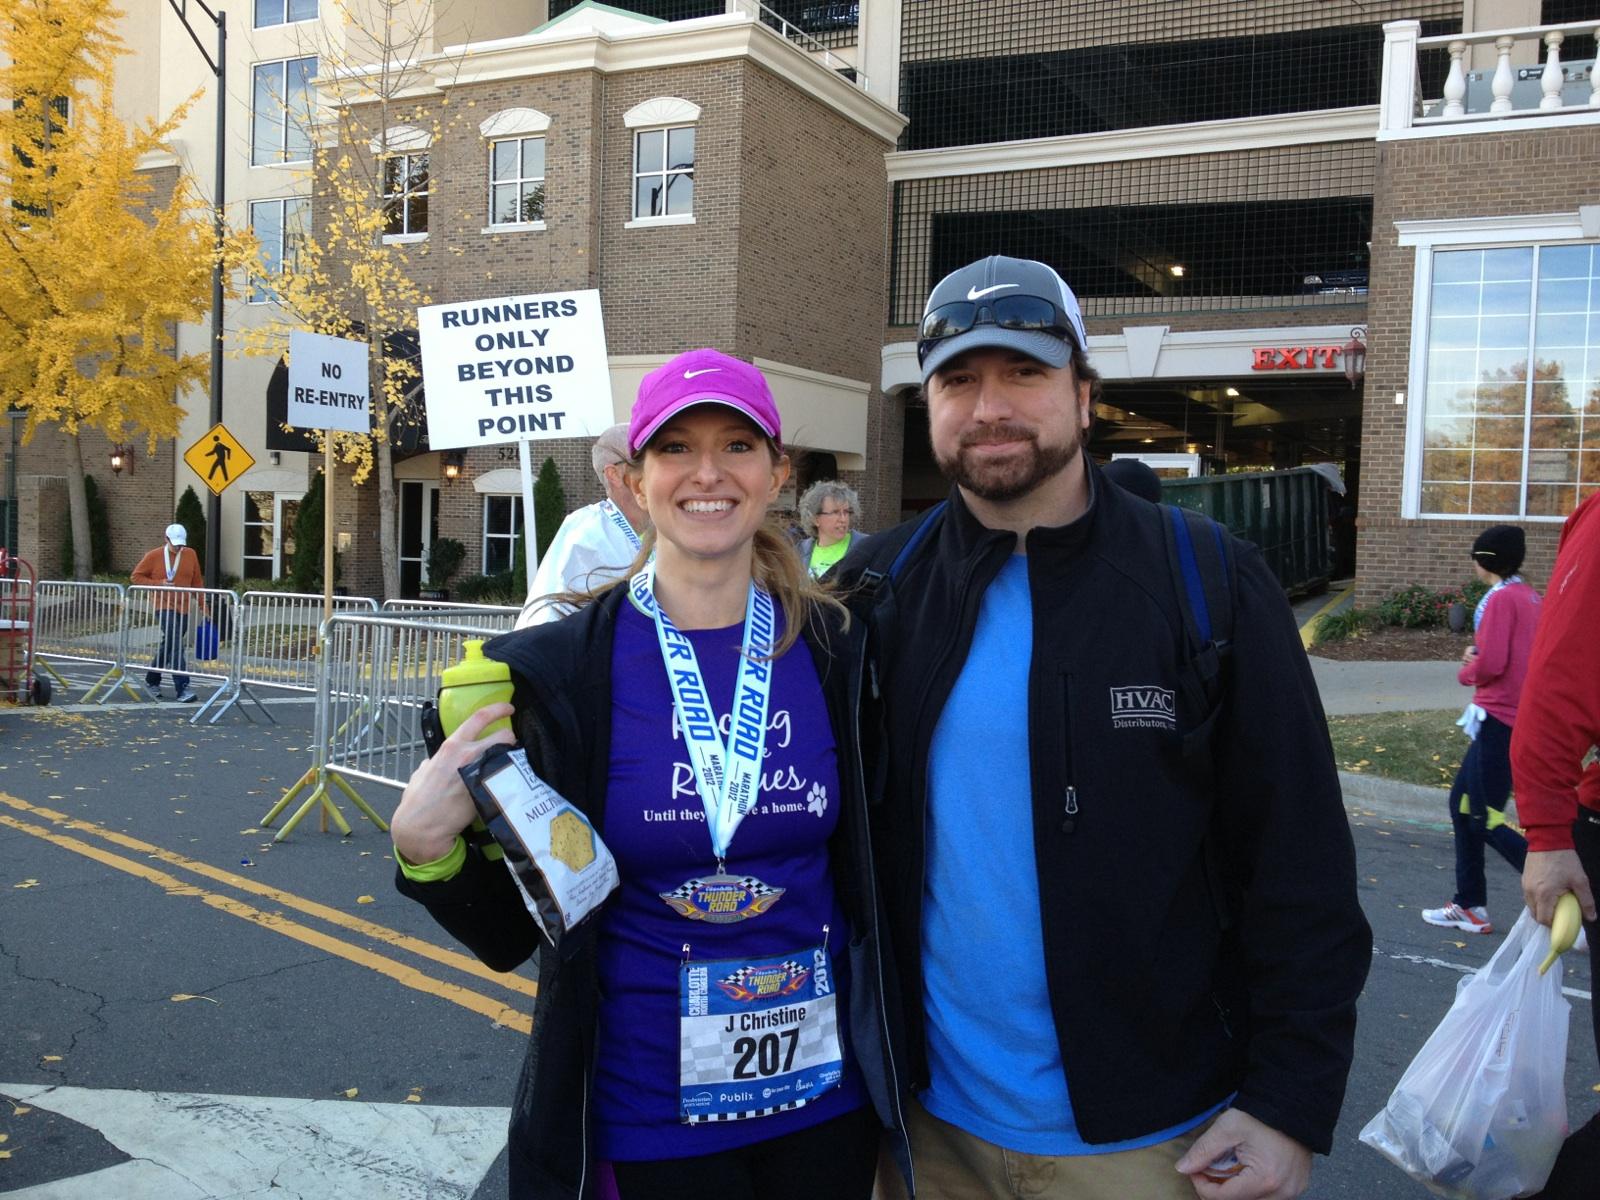 After my first marathon